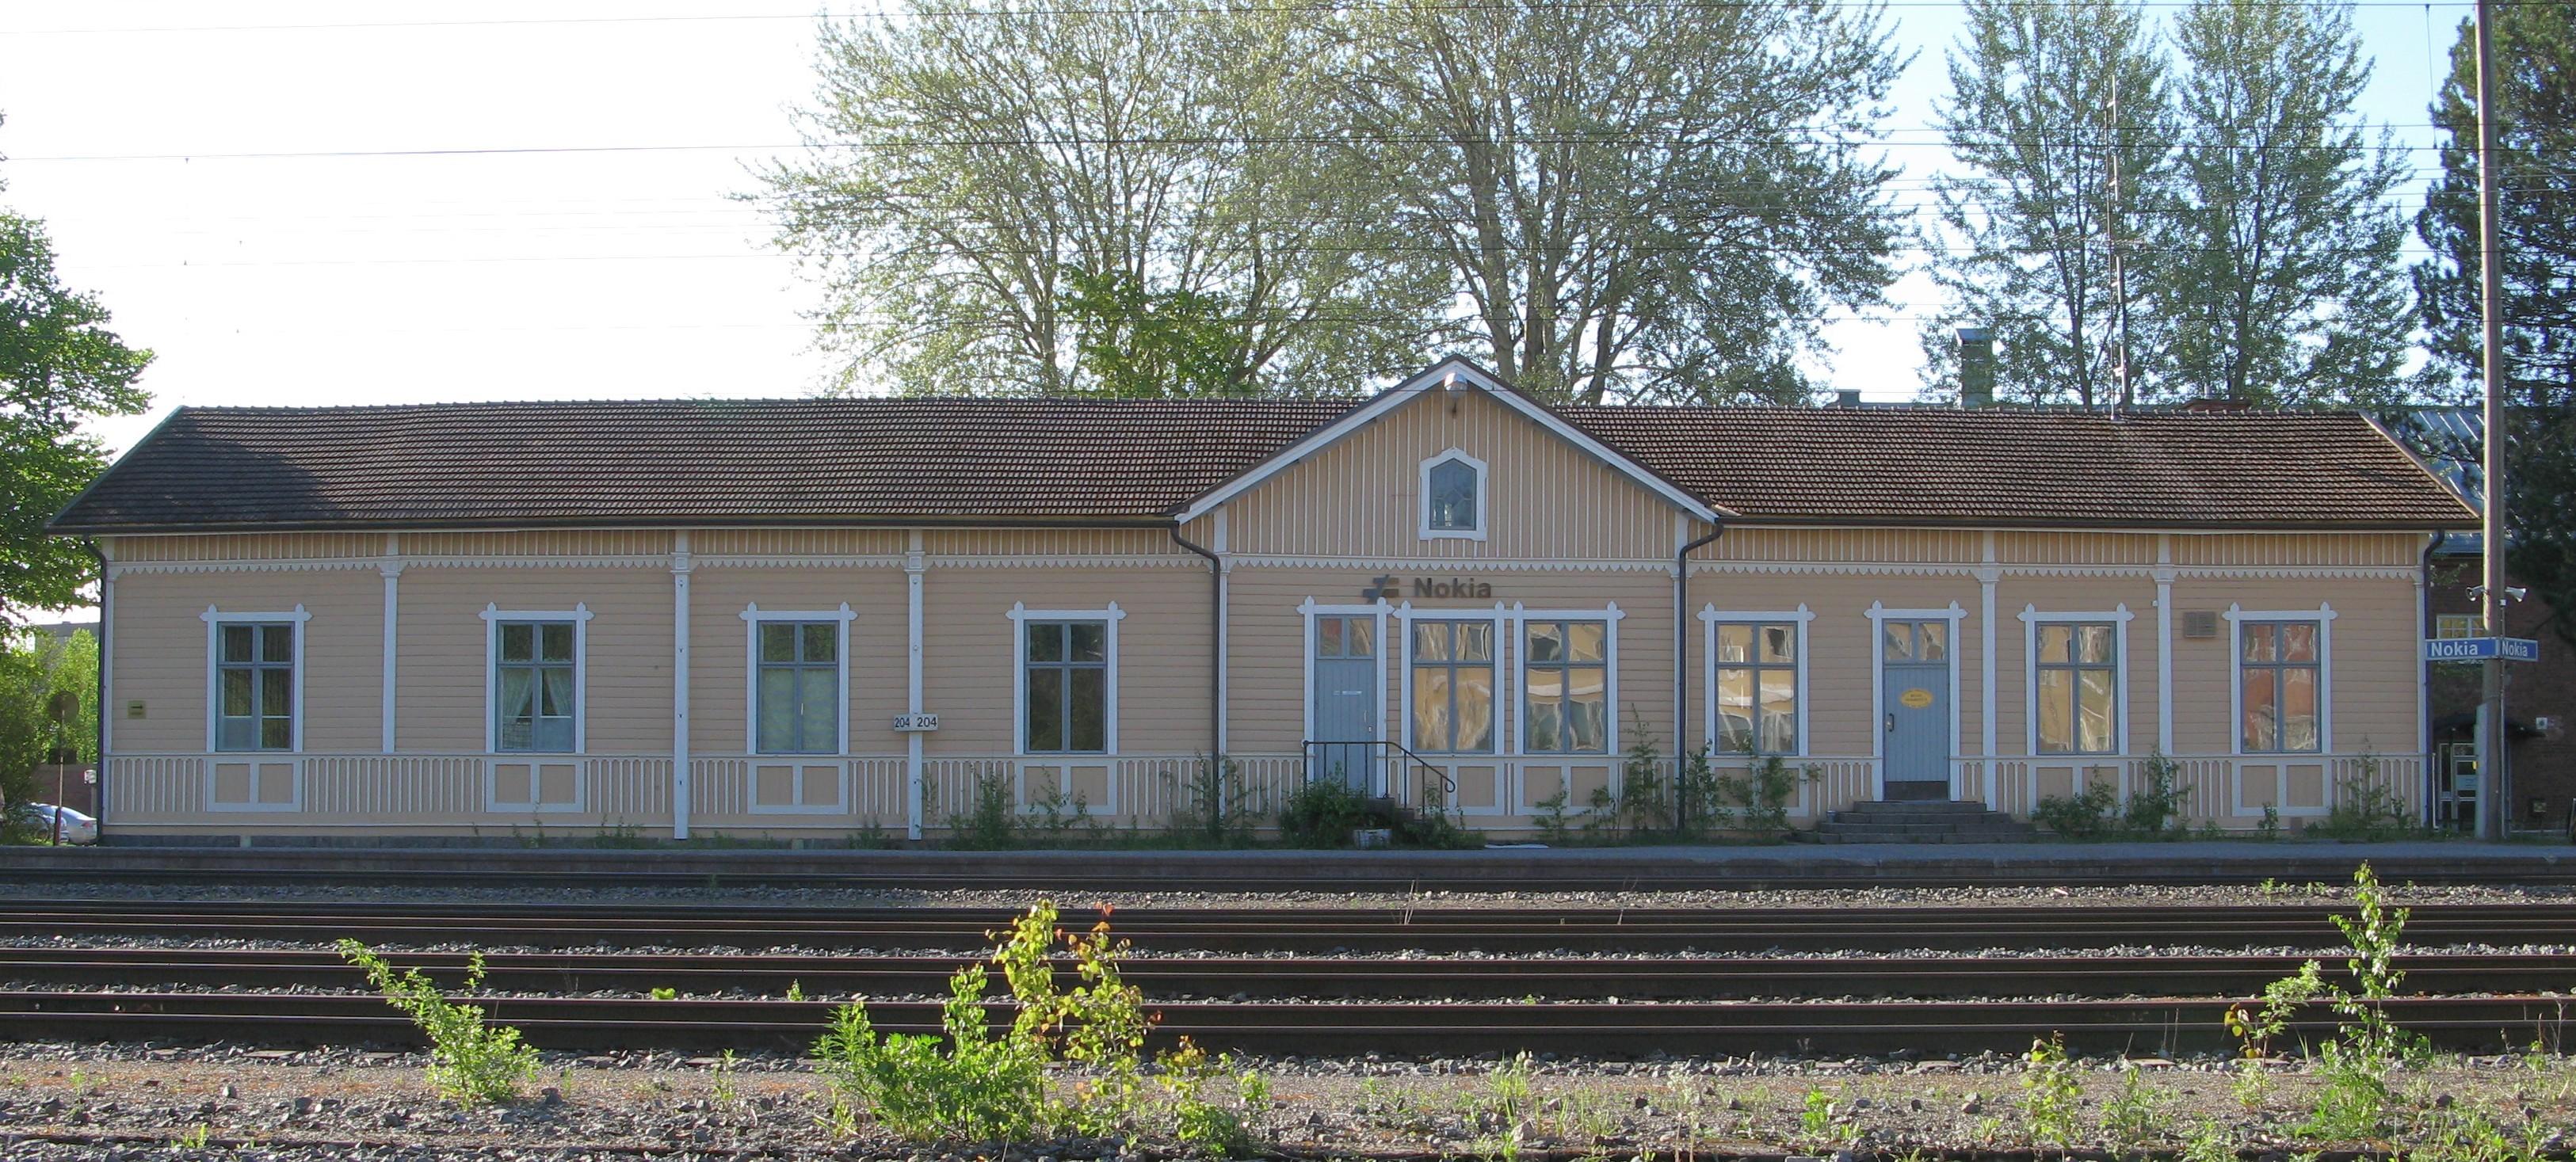 Kesäisessä kuvassa on puinen asemarakennus rautatien takaa kuvattuna. Rakennus on yksikerroksinen ja siinä on vasemmalla 4 isoa ikkunaa, keskellä kuistiosa jossa iso ovi ja sen molemmin puolin ikkunat, sekä oikealla neljä isoa ikkunaa. Talo on vaalean keltainen ja katto on ruskea. Ratatie menee kuvan etuosassa vaakasuunnassa.